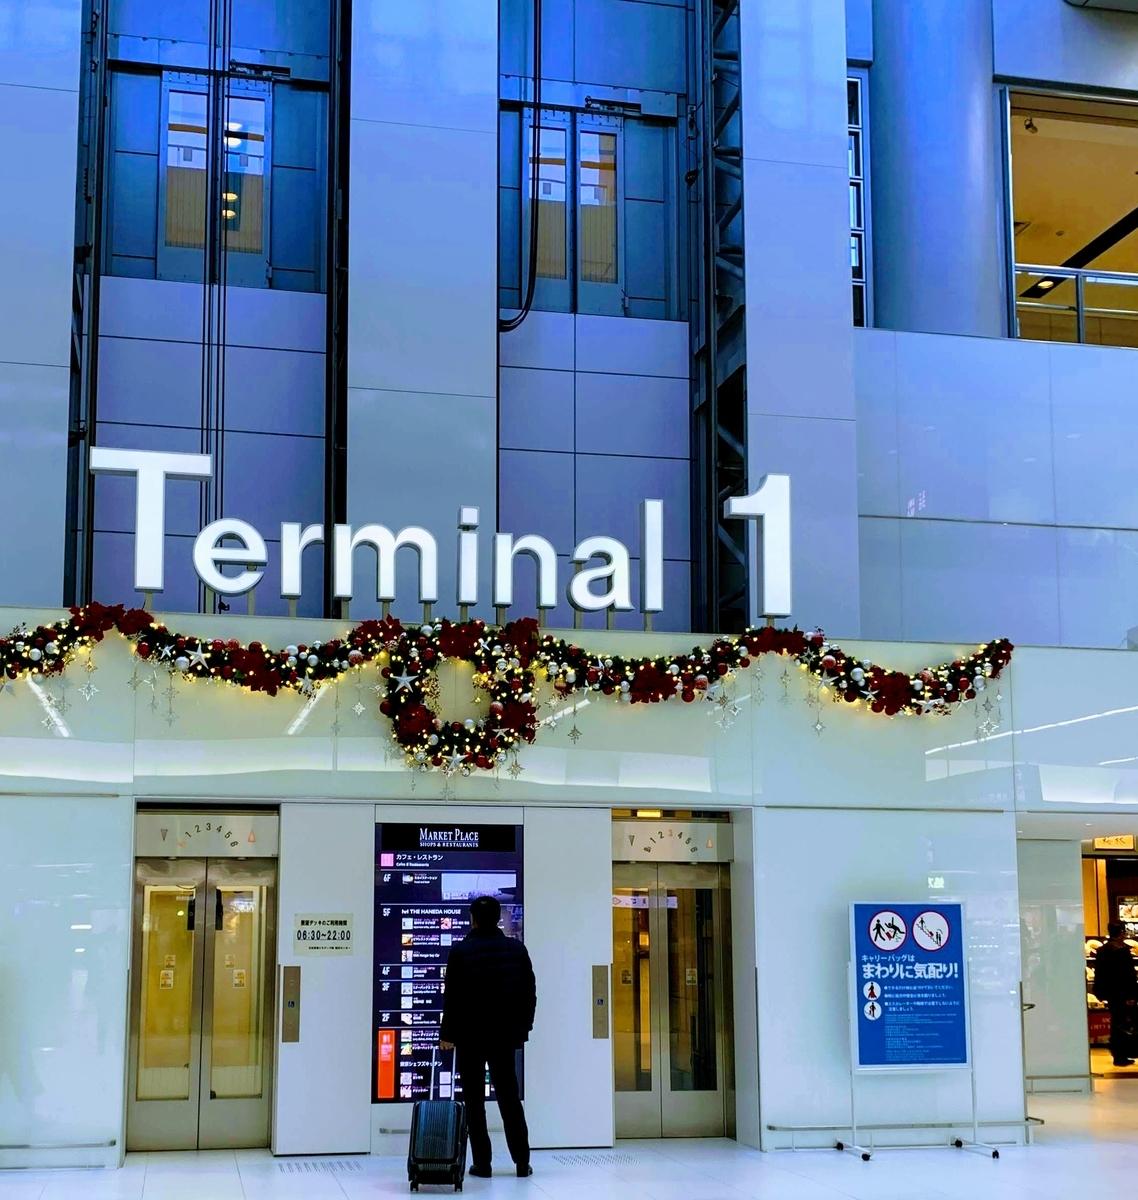 クリスマス時期の羽田空港国内線 第1旅客ターミナル   エアチャイナフェスタ2019東京